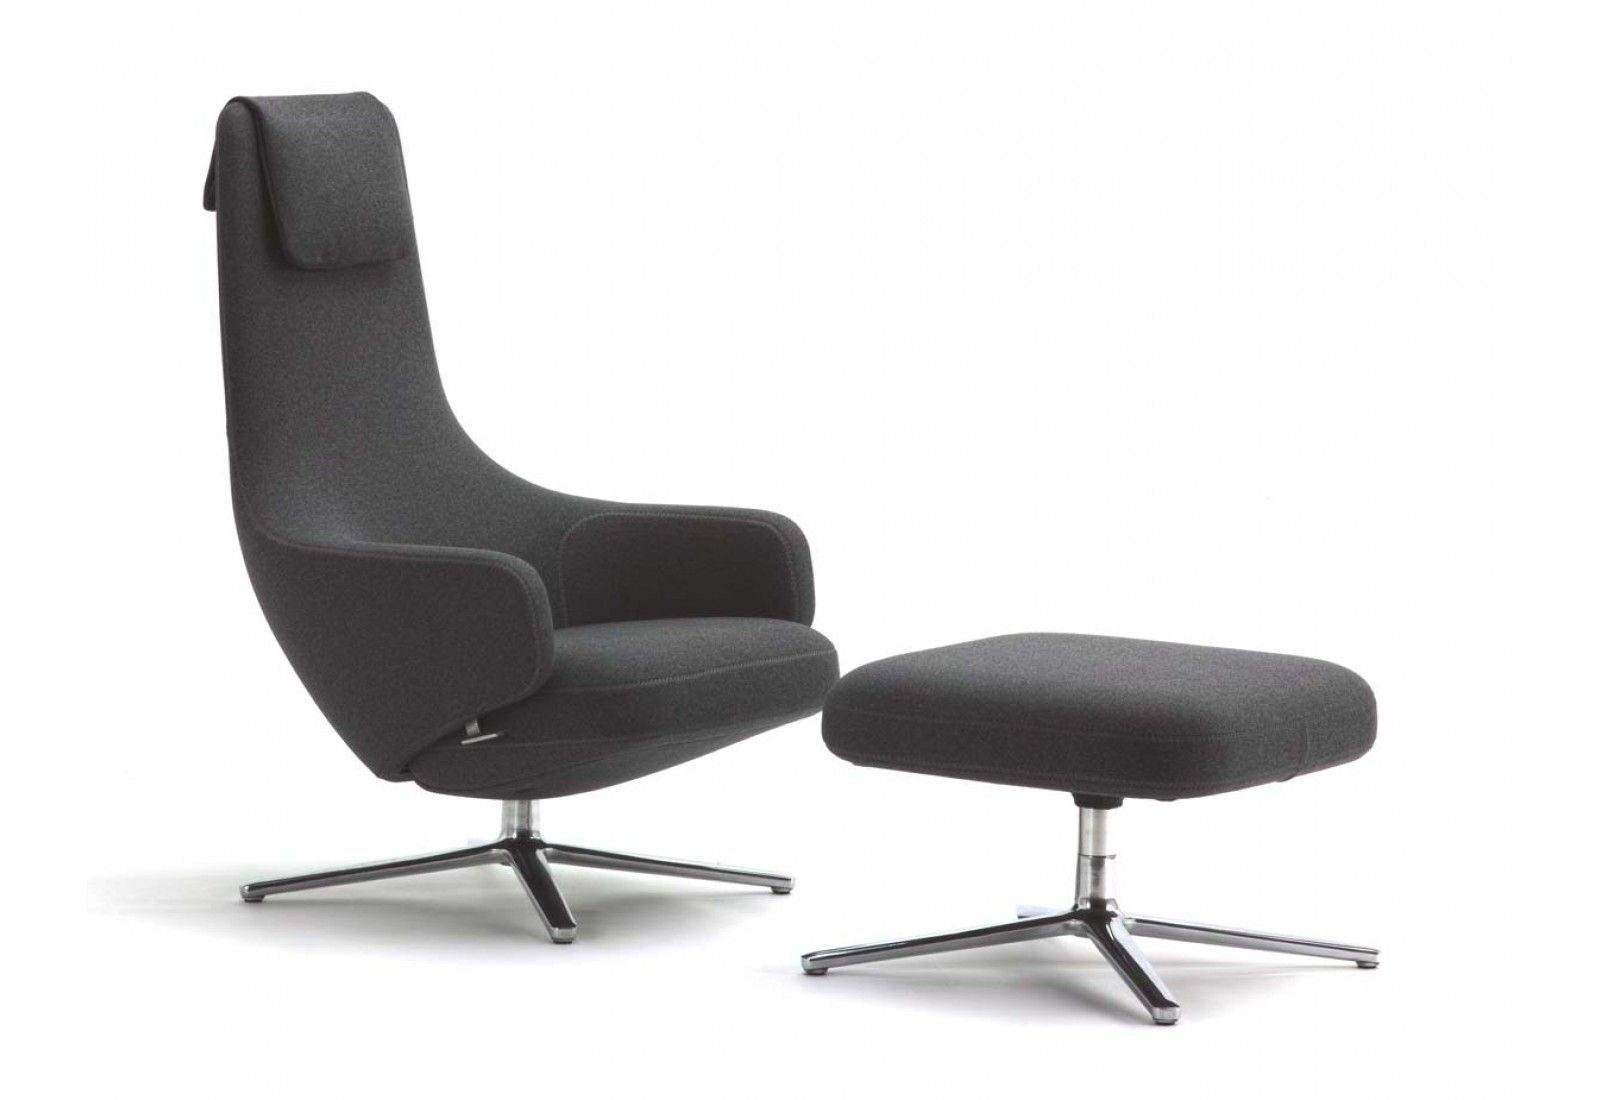 Vitra sessel und hocker repos 137 pinterest sessel for Vitra design sessel